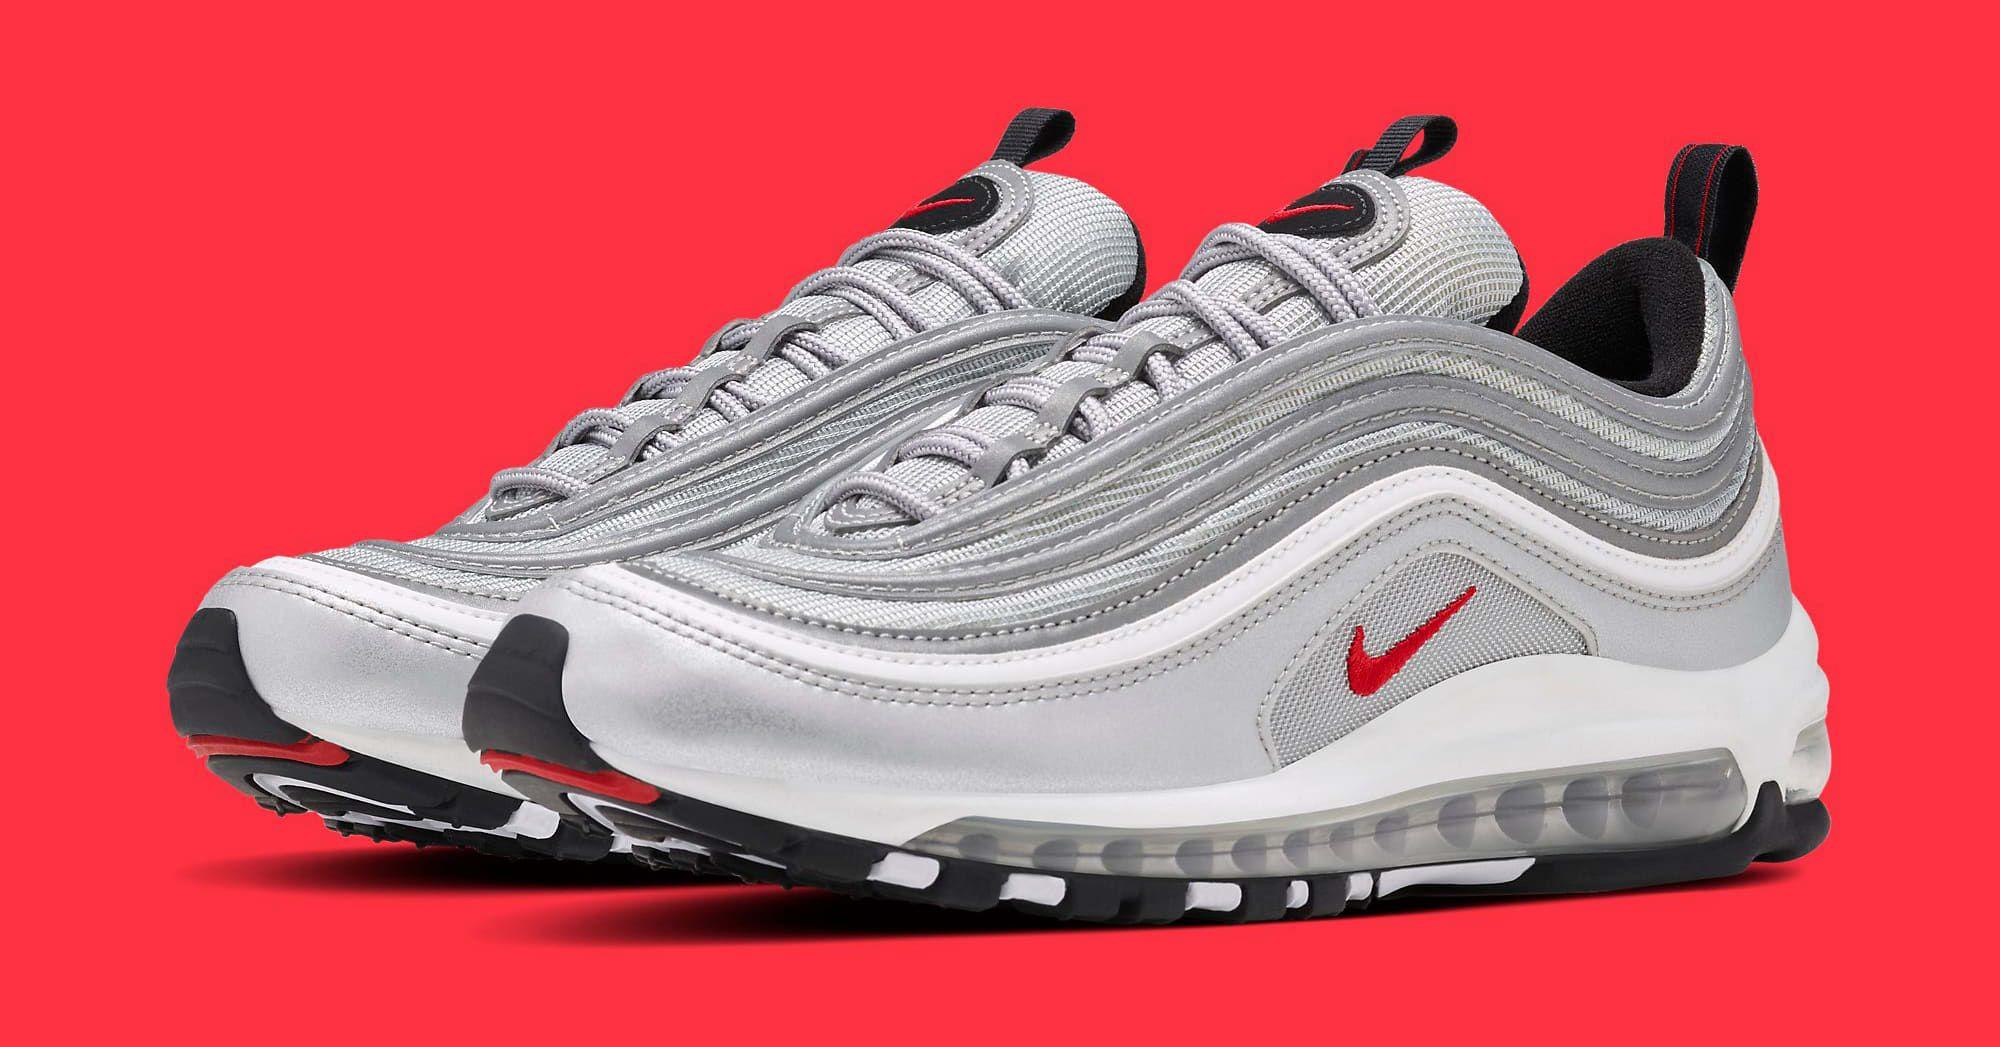 Silver Nike Air Max 97 884421-001